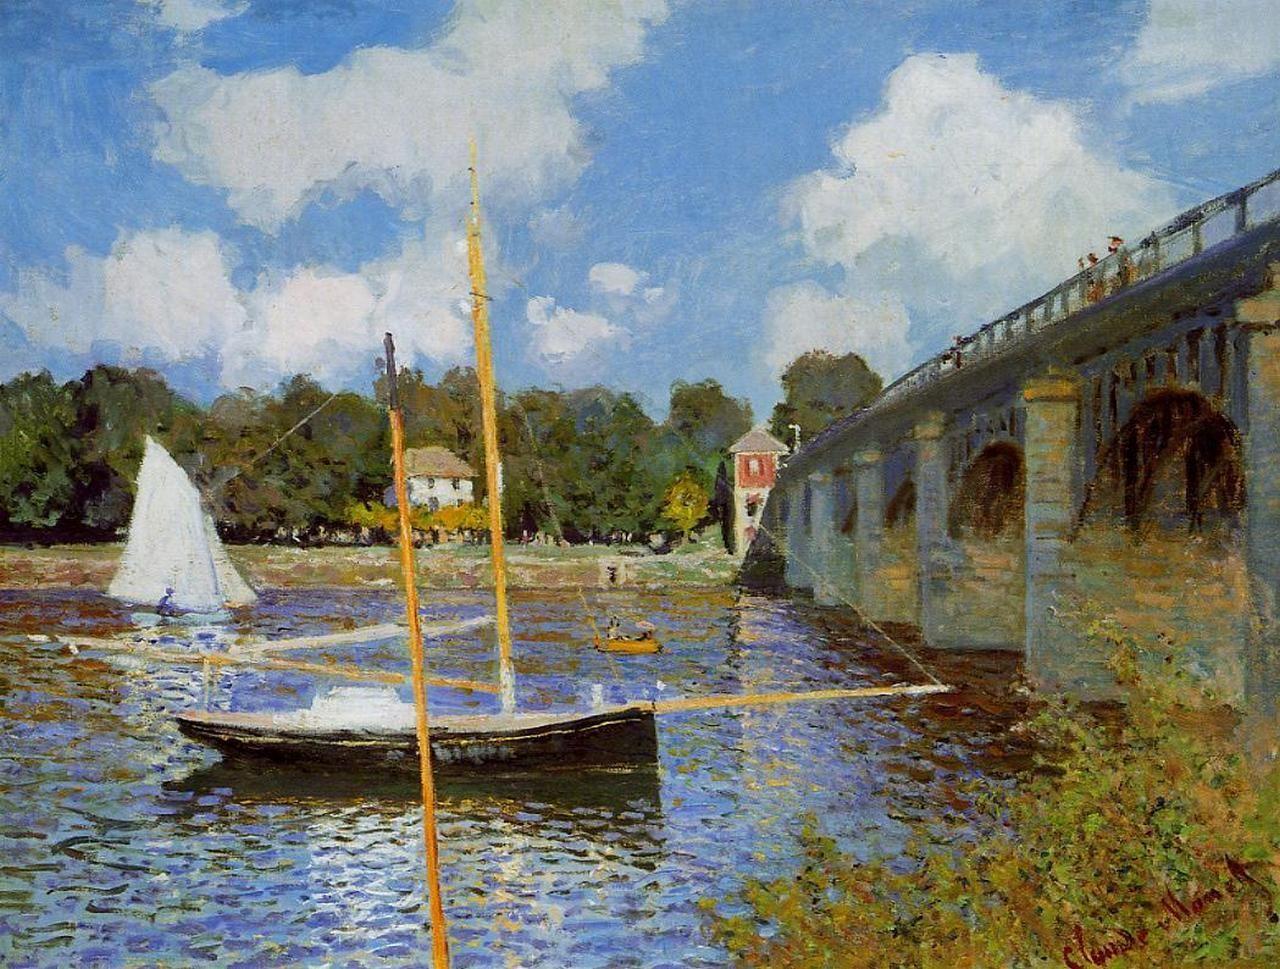 Claude Monet, Bridge at Argenteuil